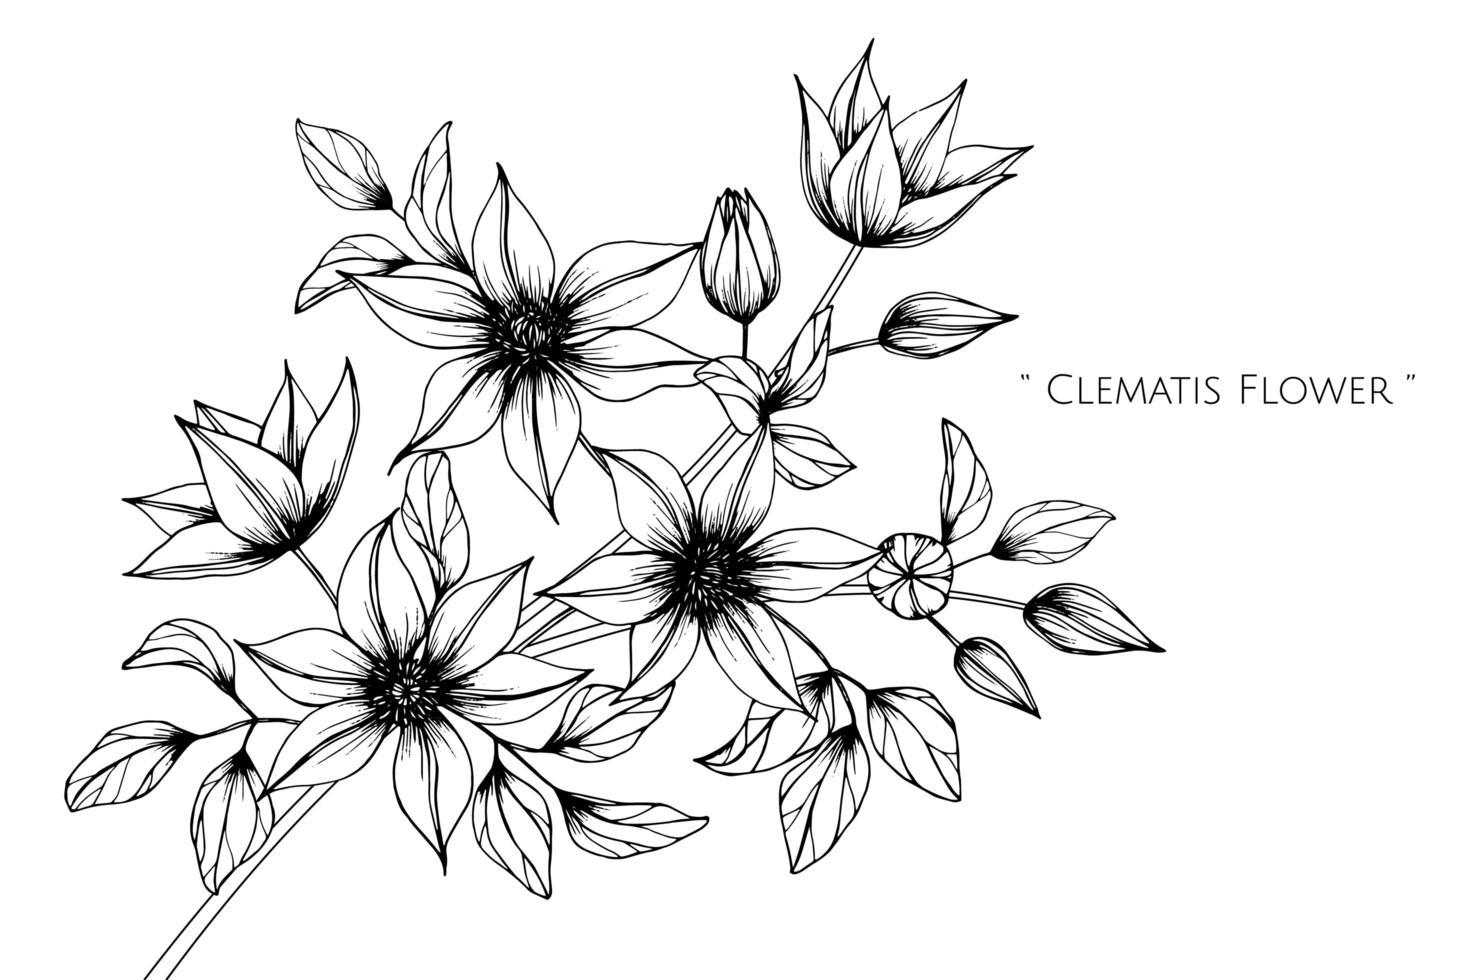 diseño de flores y hojas de clemátide dibujado a mano vector